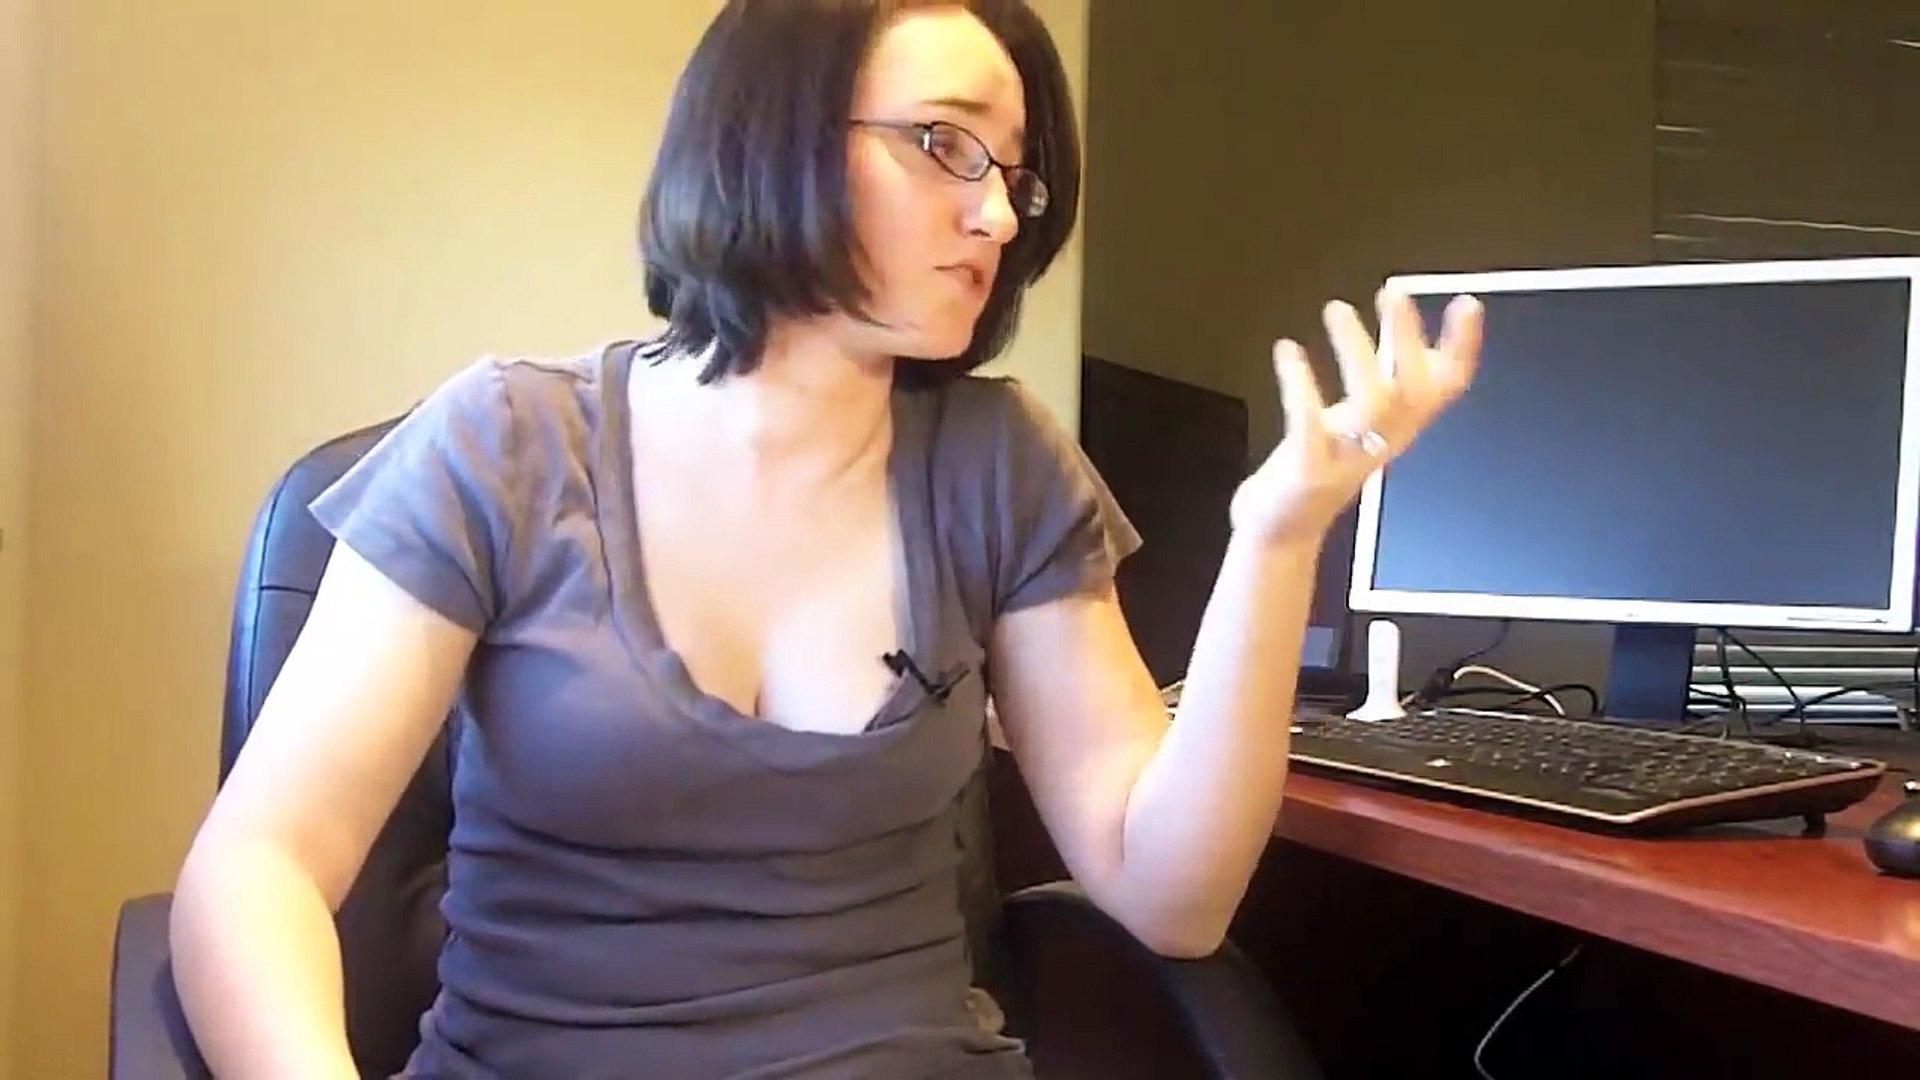 5 Best Porn webSites